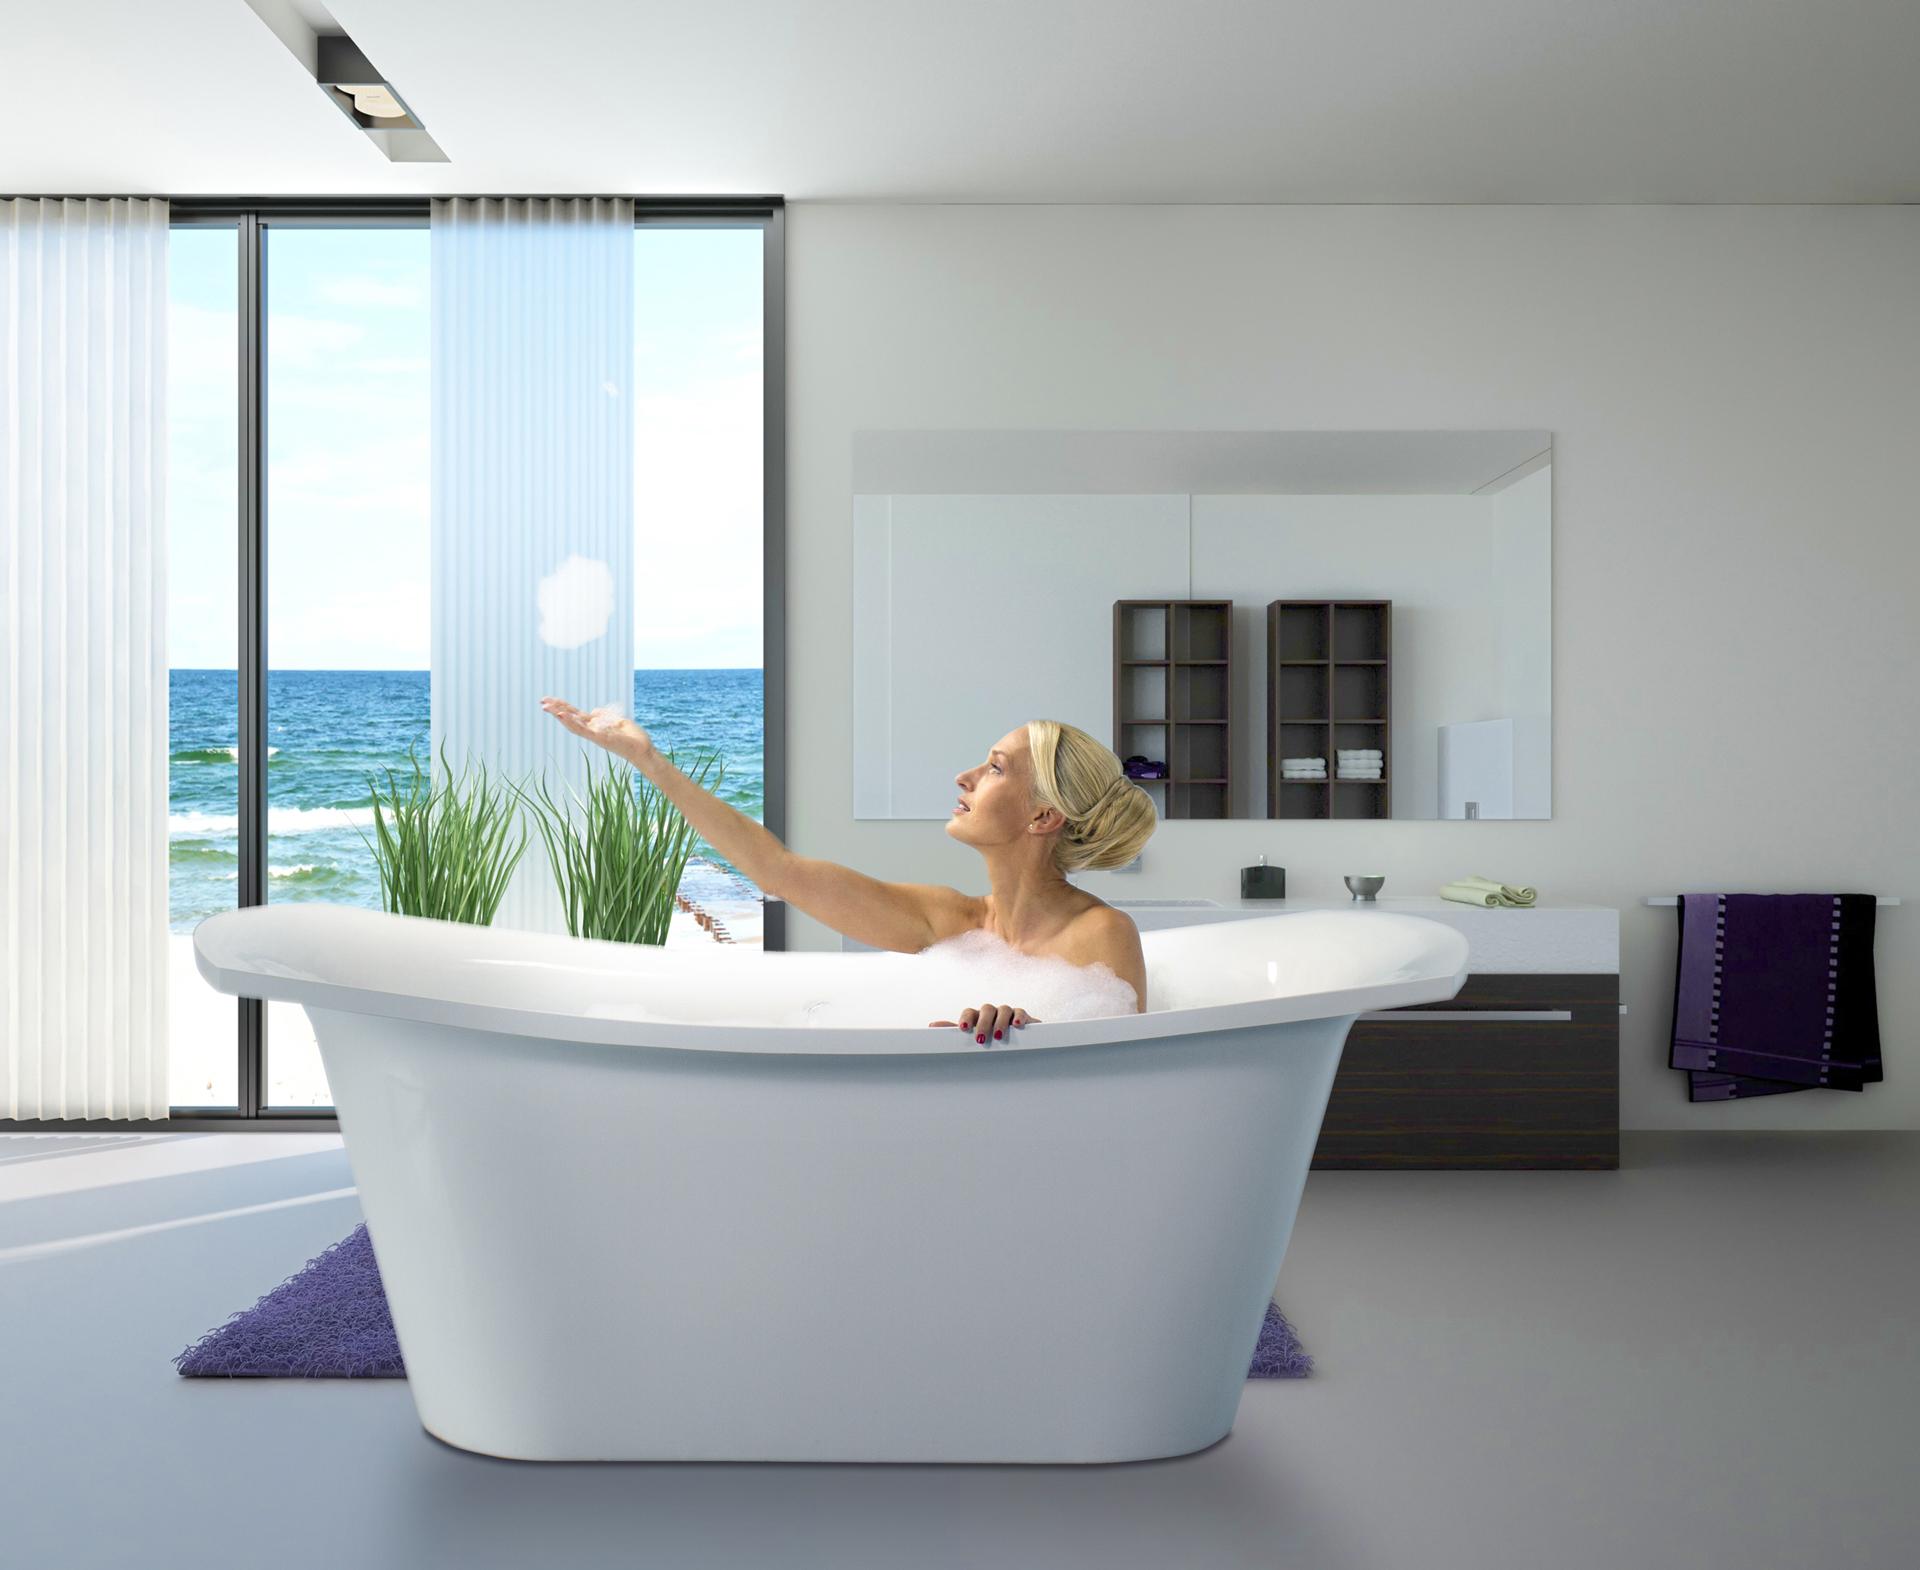 Deep tub- back in fashion